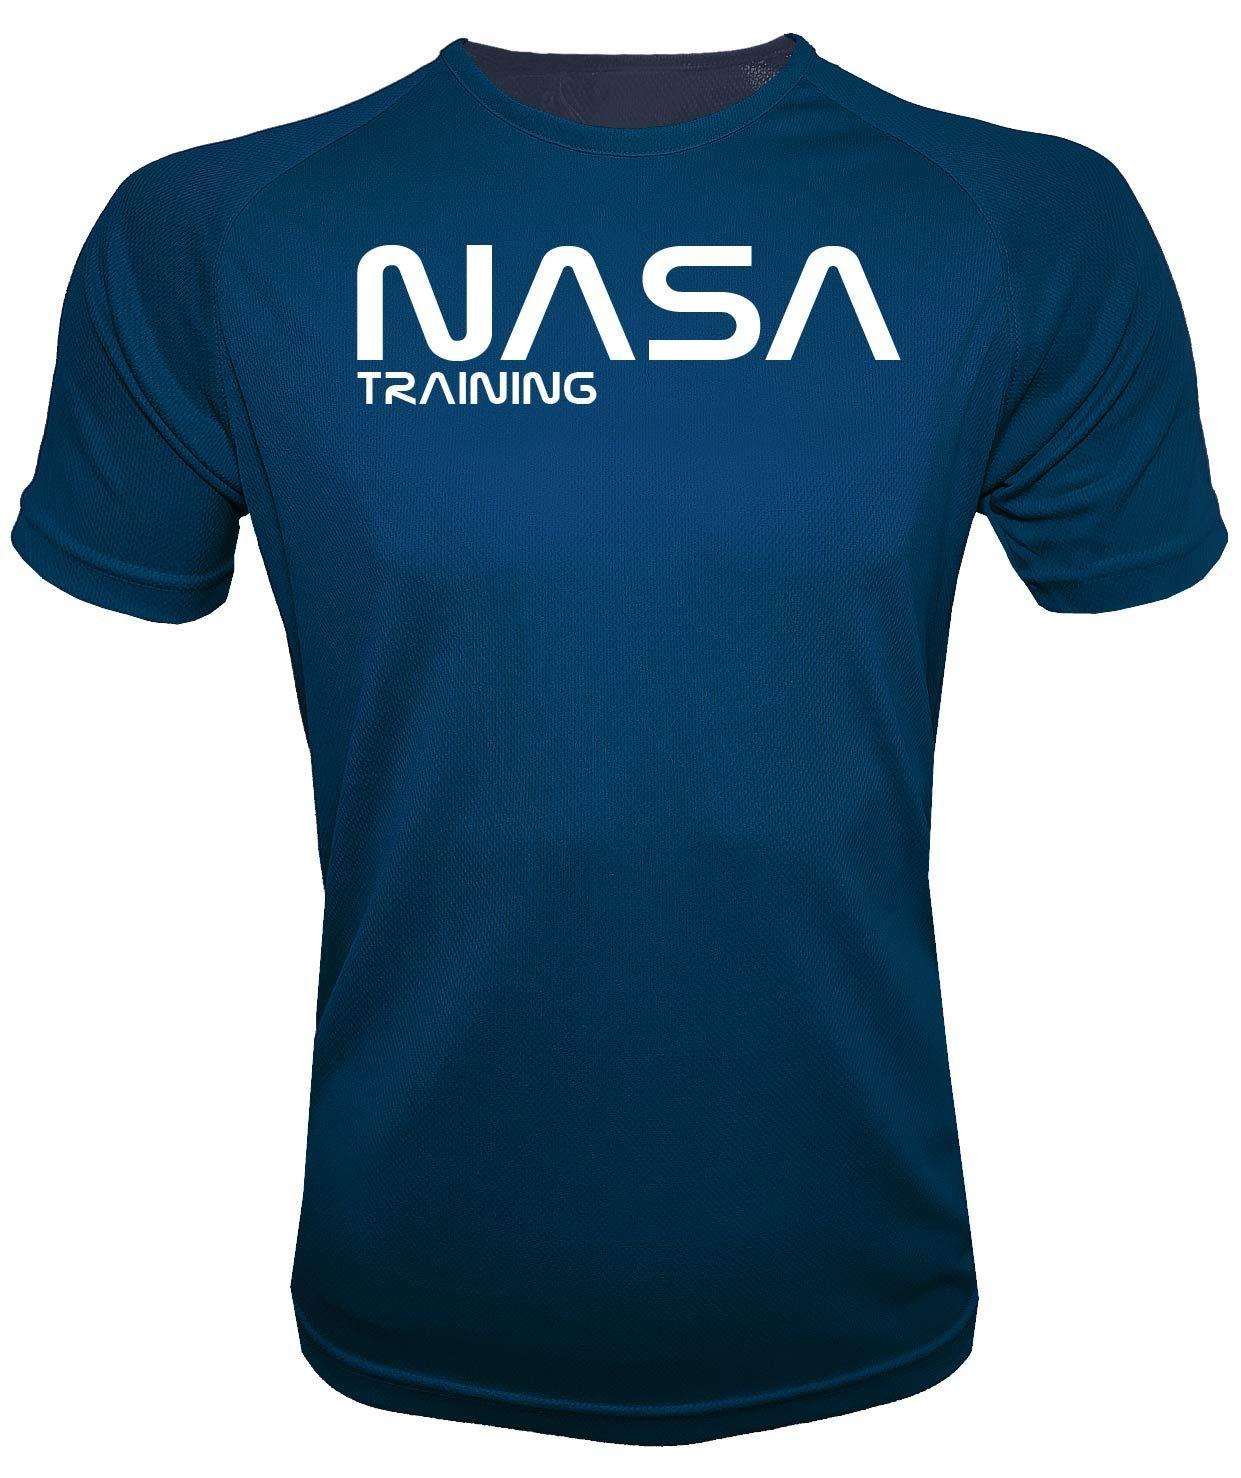 mejor sitio web a957a 34b54 Camiseta Running hombre Nasa Azul Marino